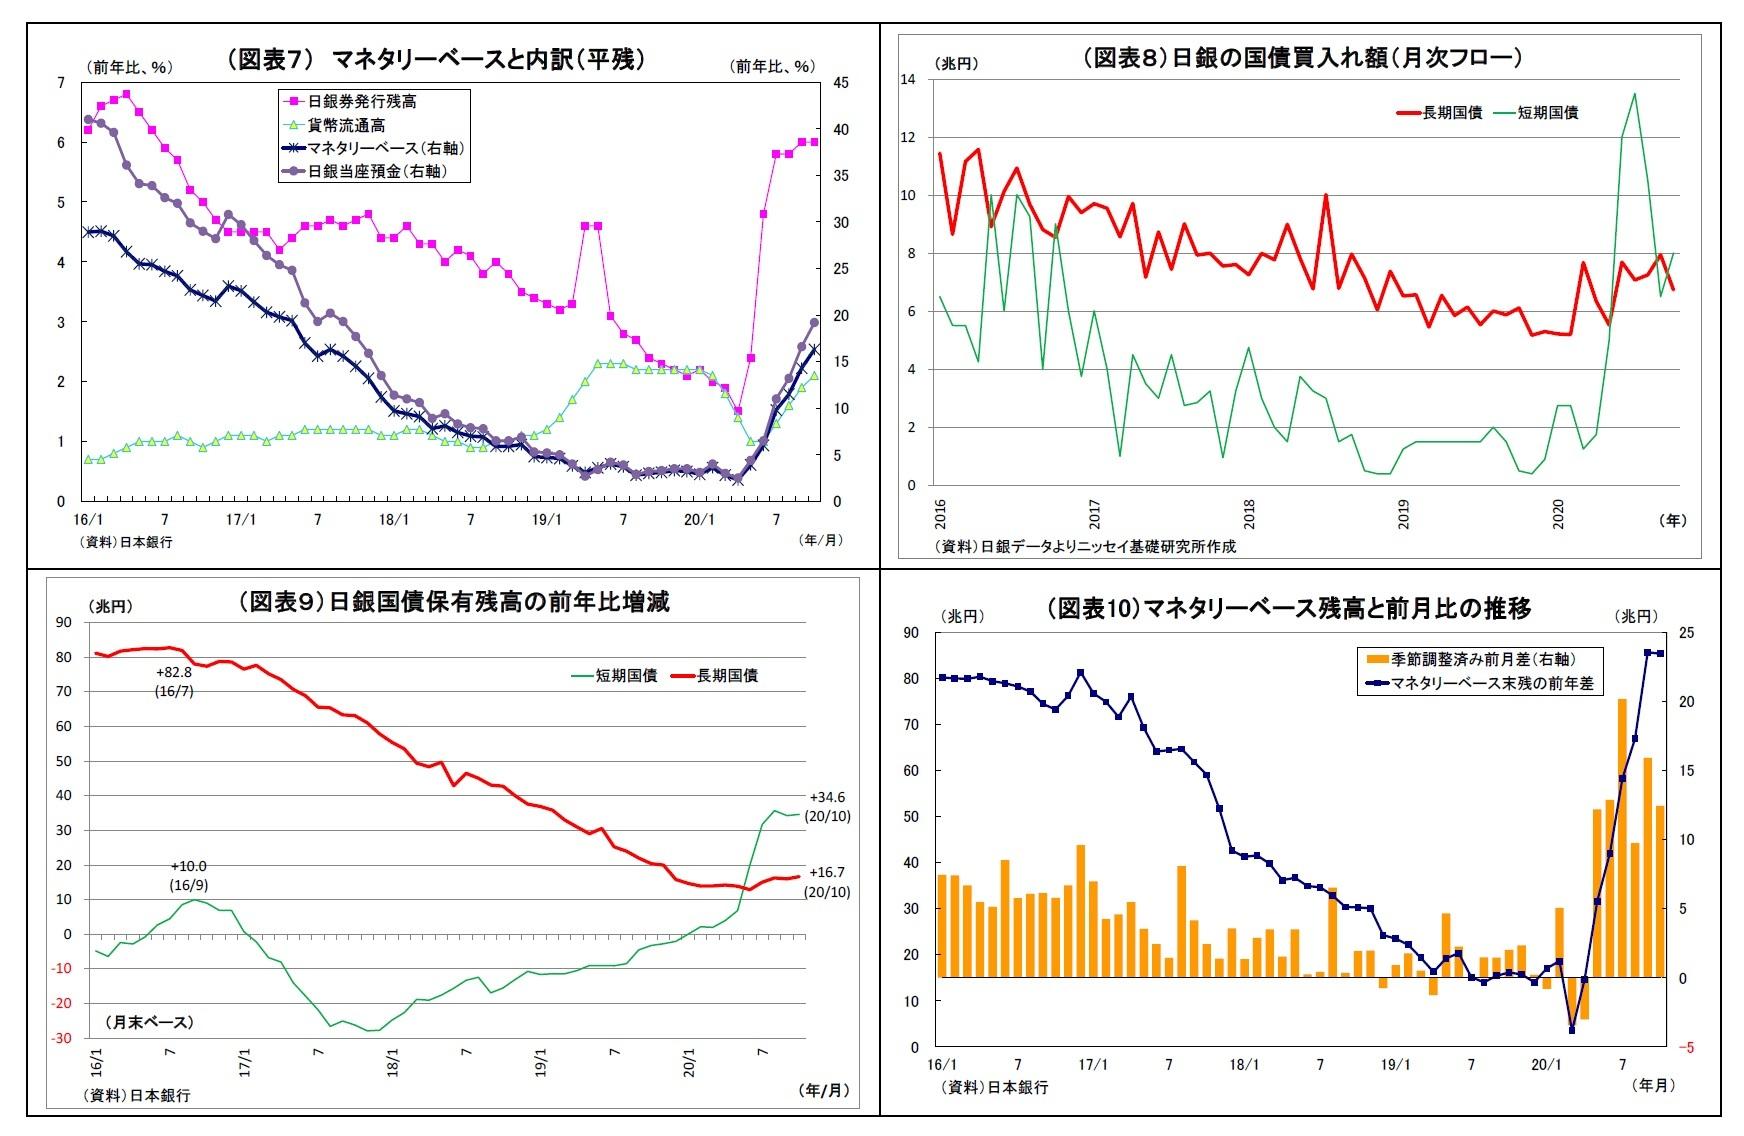 (図表7)マネタリーベースと内訳(平残)/(図表8)日銀の国債買入れ額(月次フロー)/(図表9)日銀国債保有残高の前年比増減/(図表10)マネタリーベース残高と前月比の推移